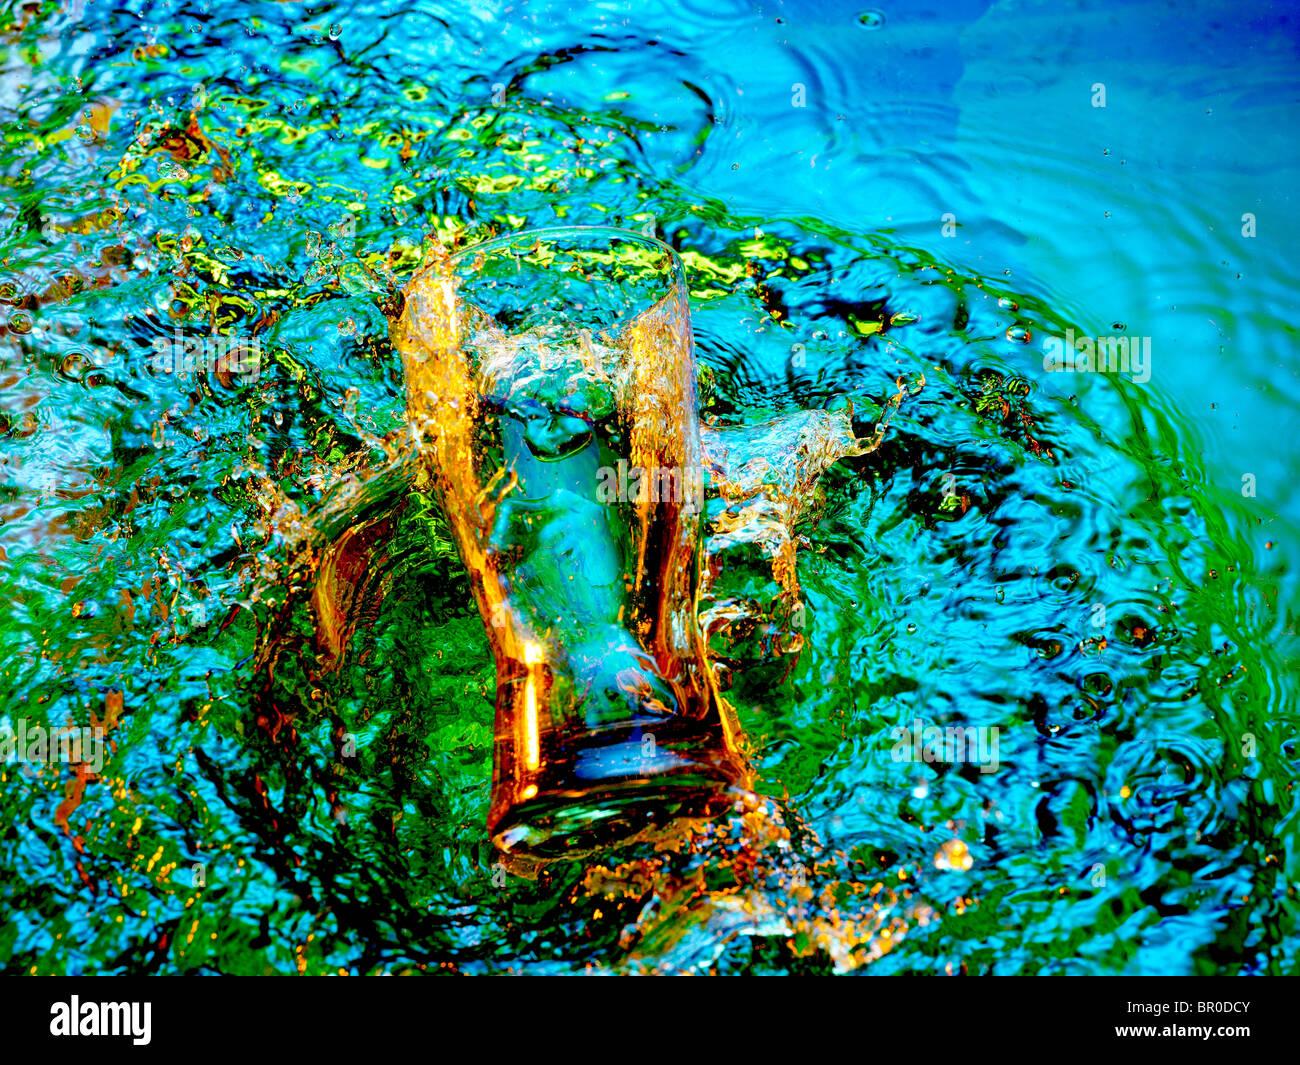 Vidrio, Splash, y filigranas en aguas multicolores Imagen De Stock